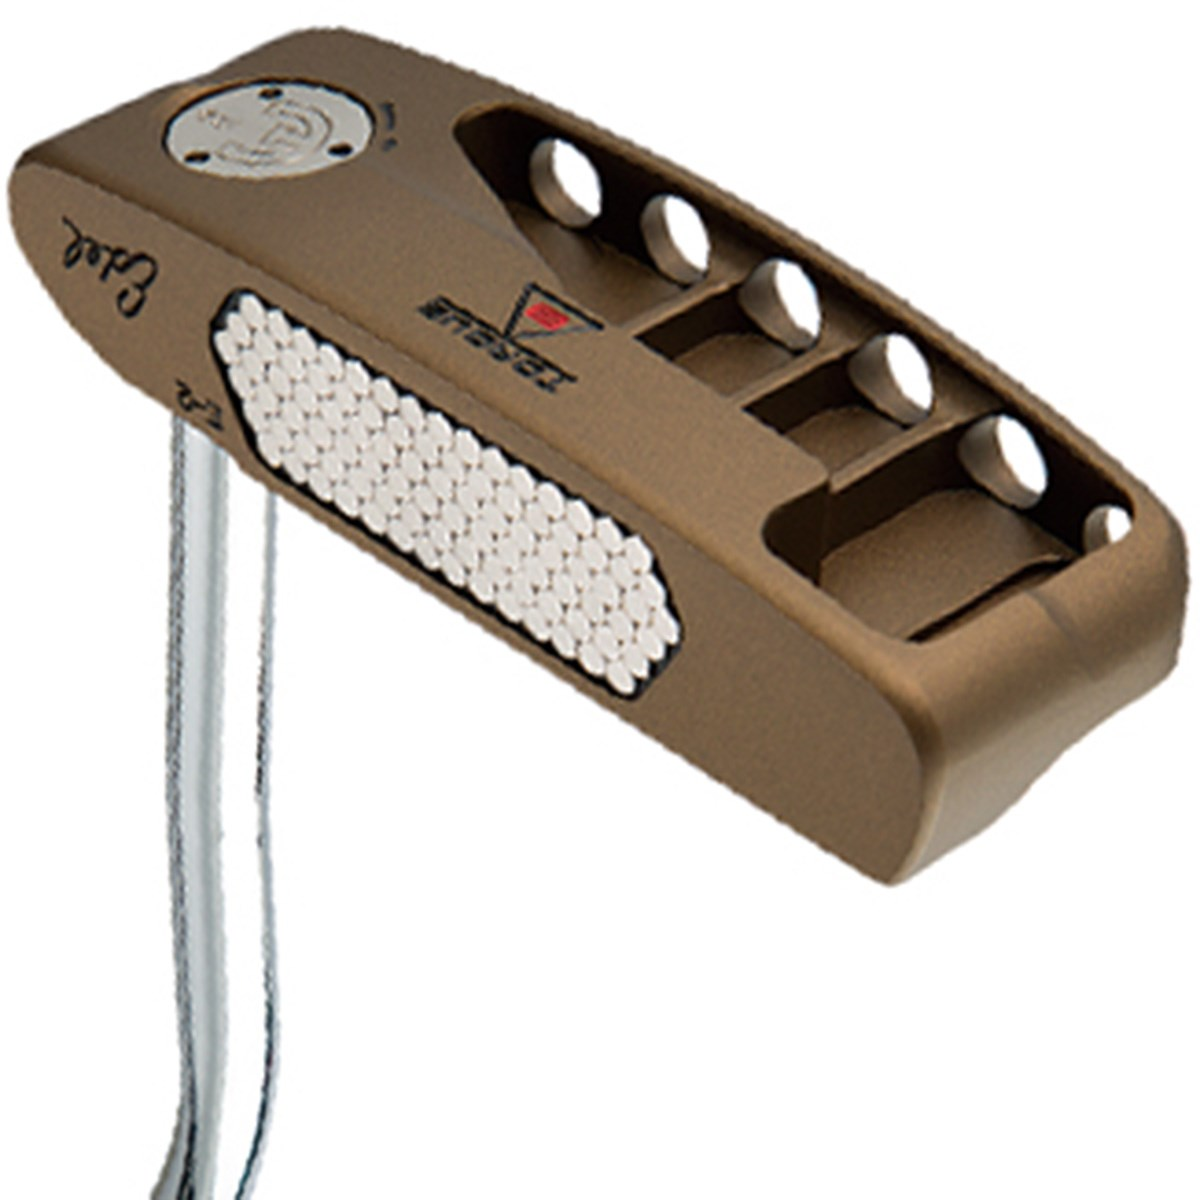 イーデルゴルフ トルクバランスパター E-2 ゴールド